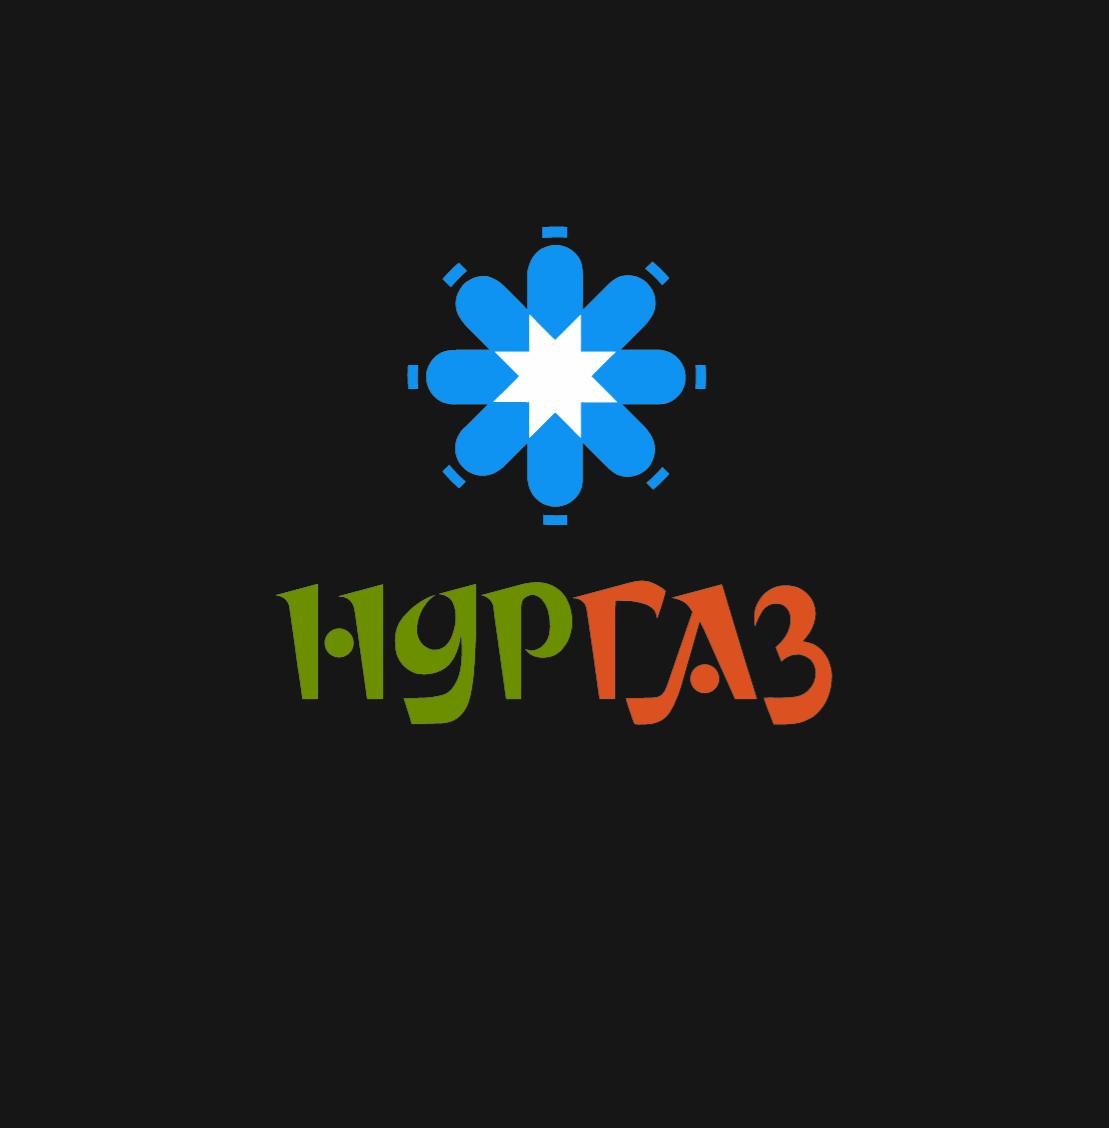 Разработка логотипа и фирменного стиля фото f_2865da6856315e3d.png